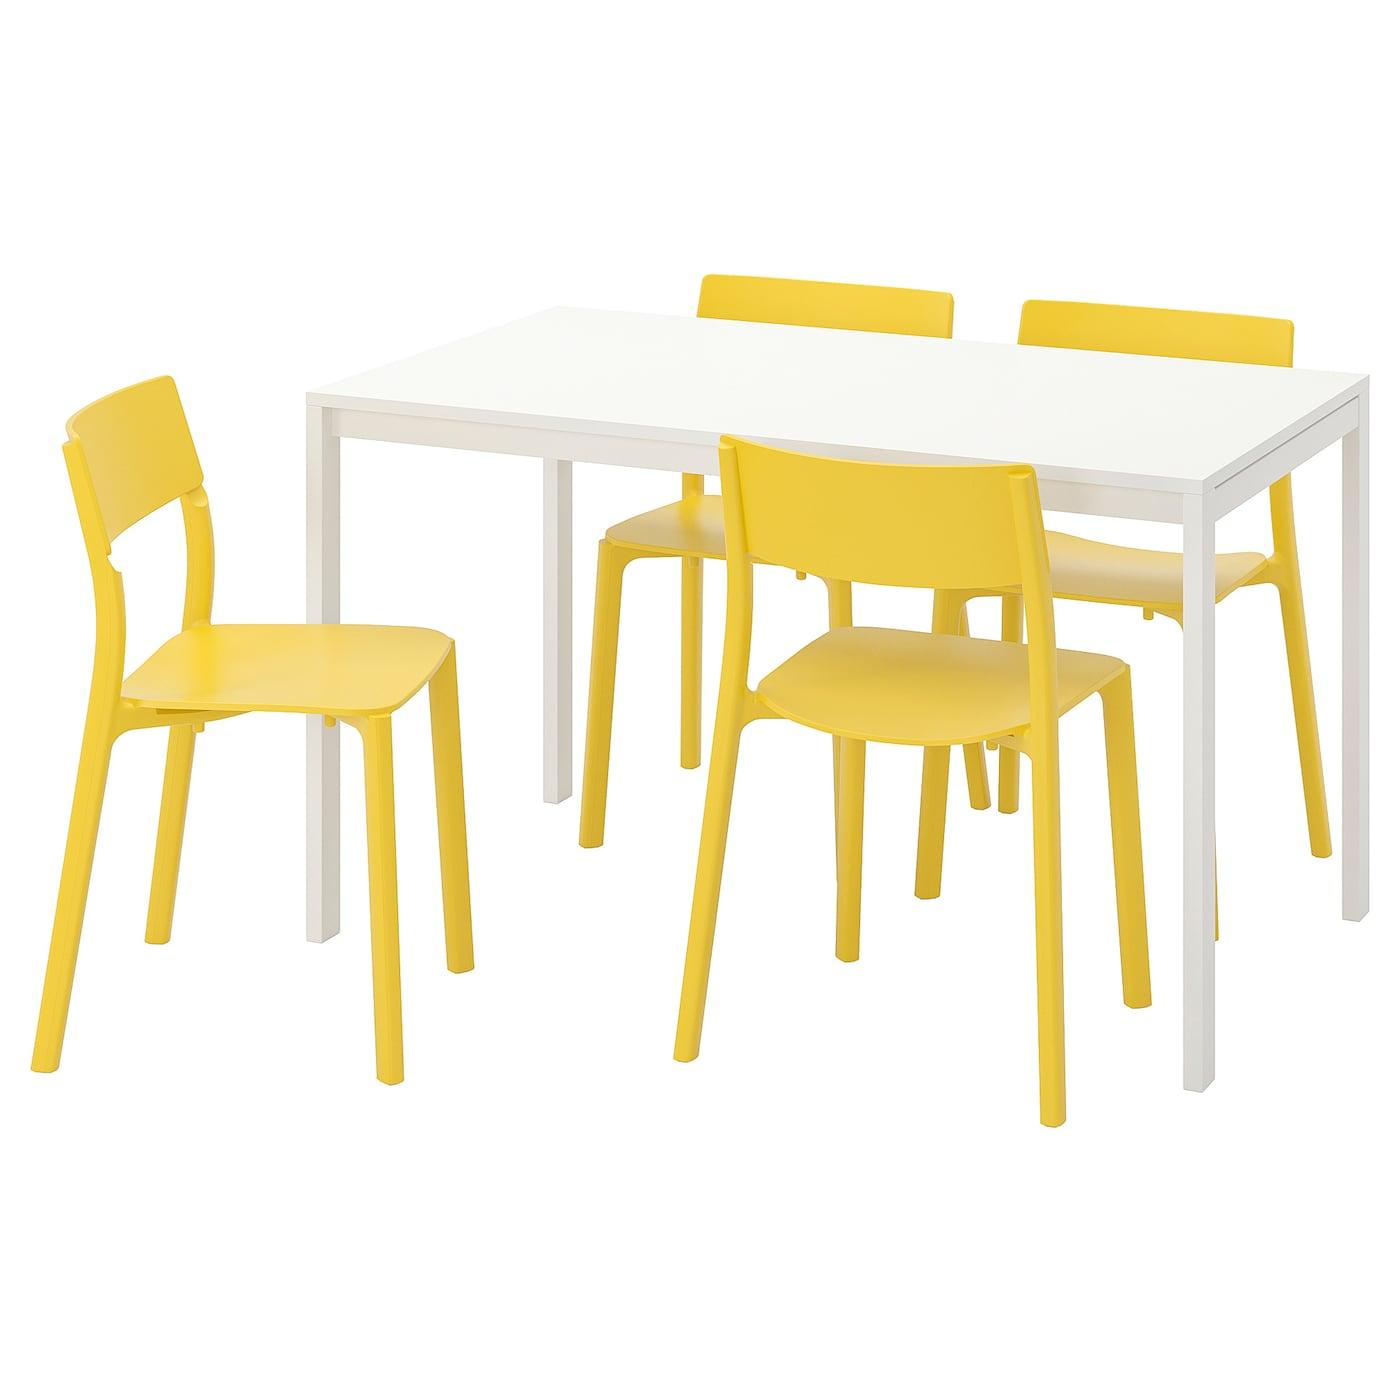 JANINGE Tuoli, keltainen IKEA